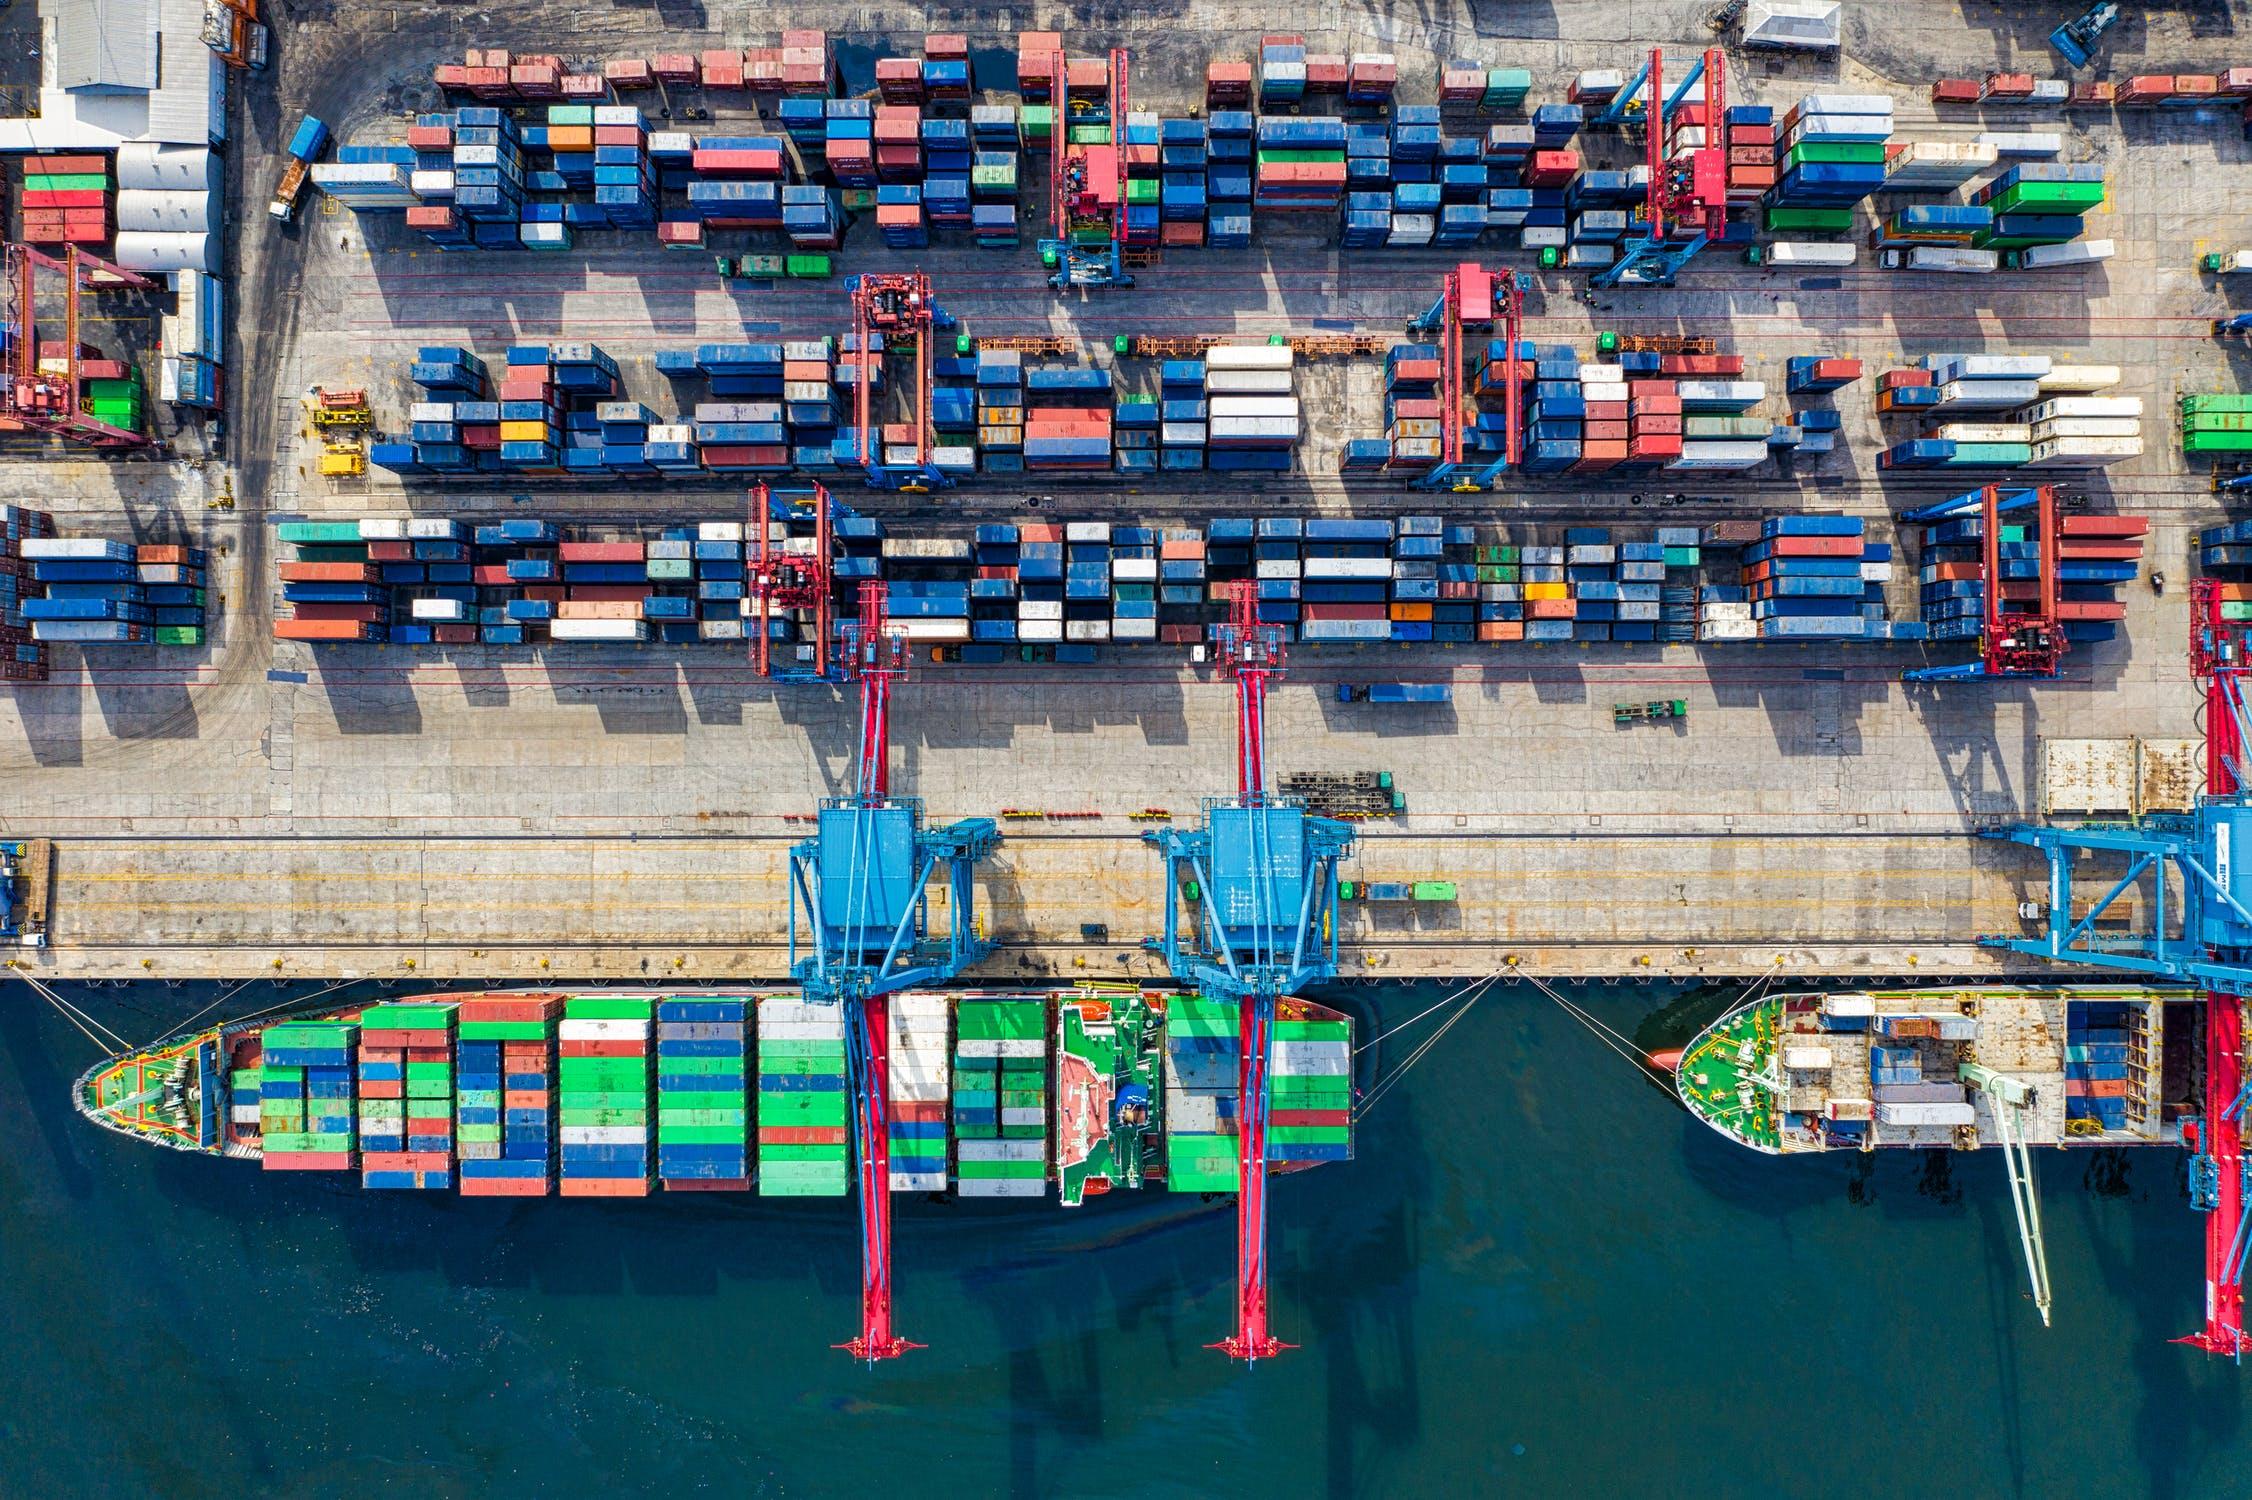 La chaîne d'approvisionnement mondiale accumule les retards